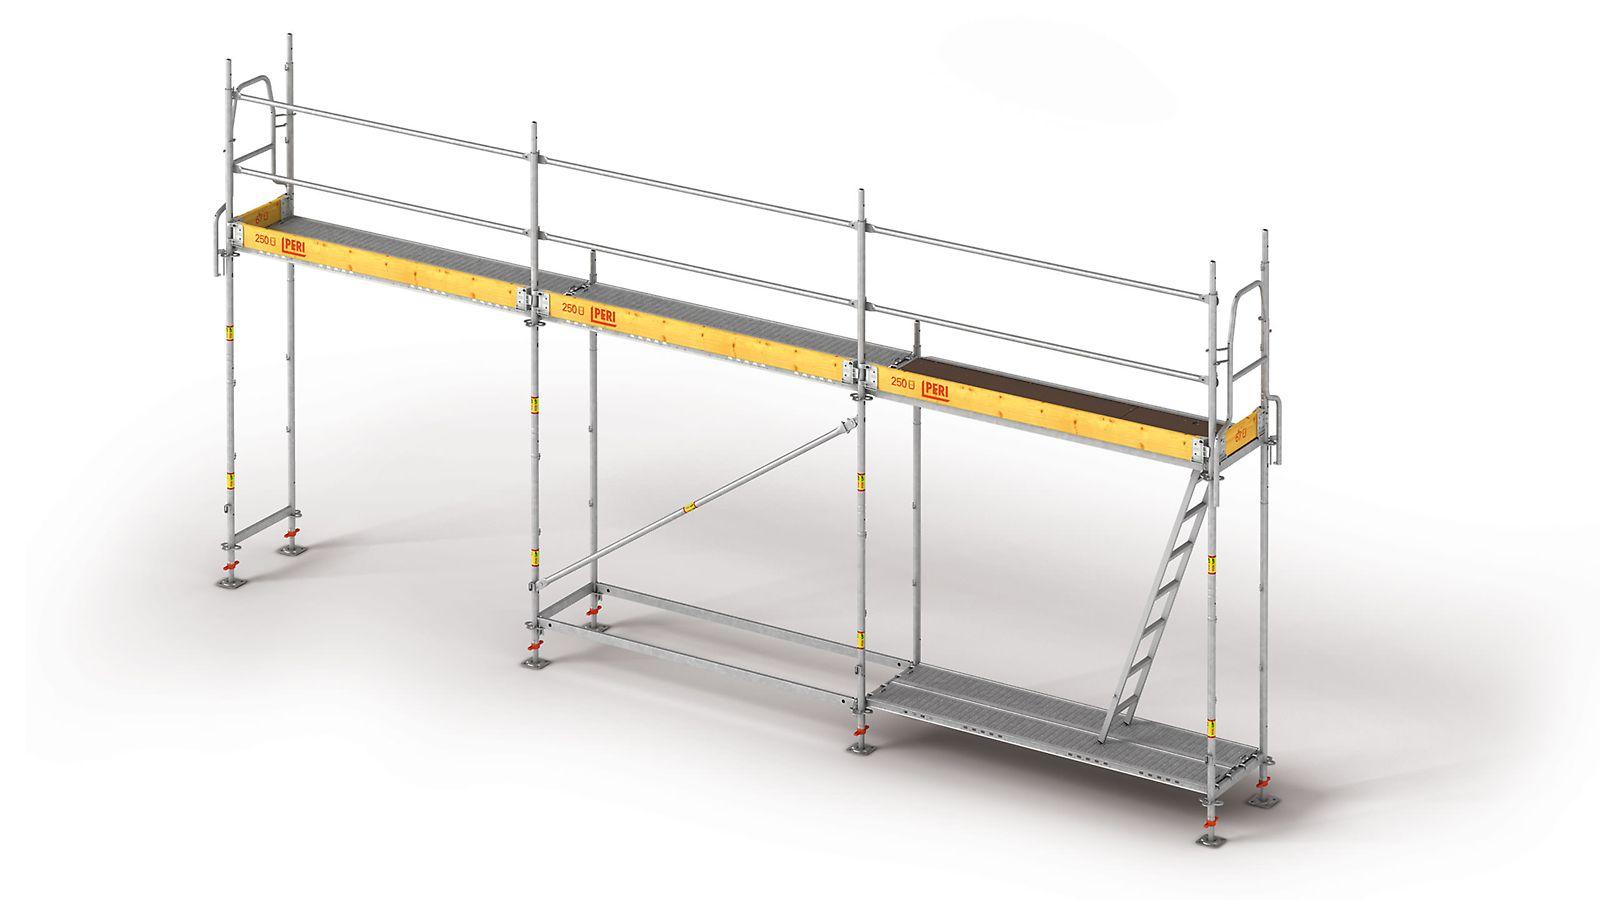 Lekkie i szybkie w montażu rusztowanie ramowe do bezpiecznego wykonywania robót fasadowych